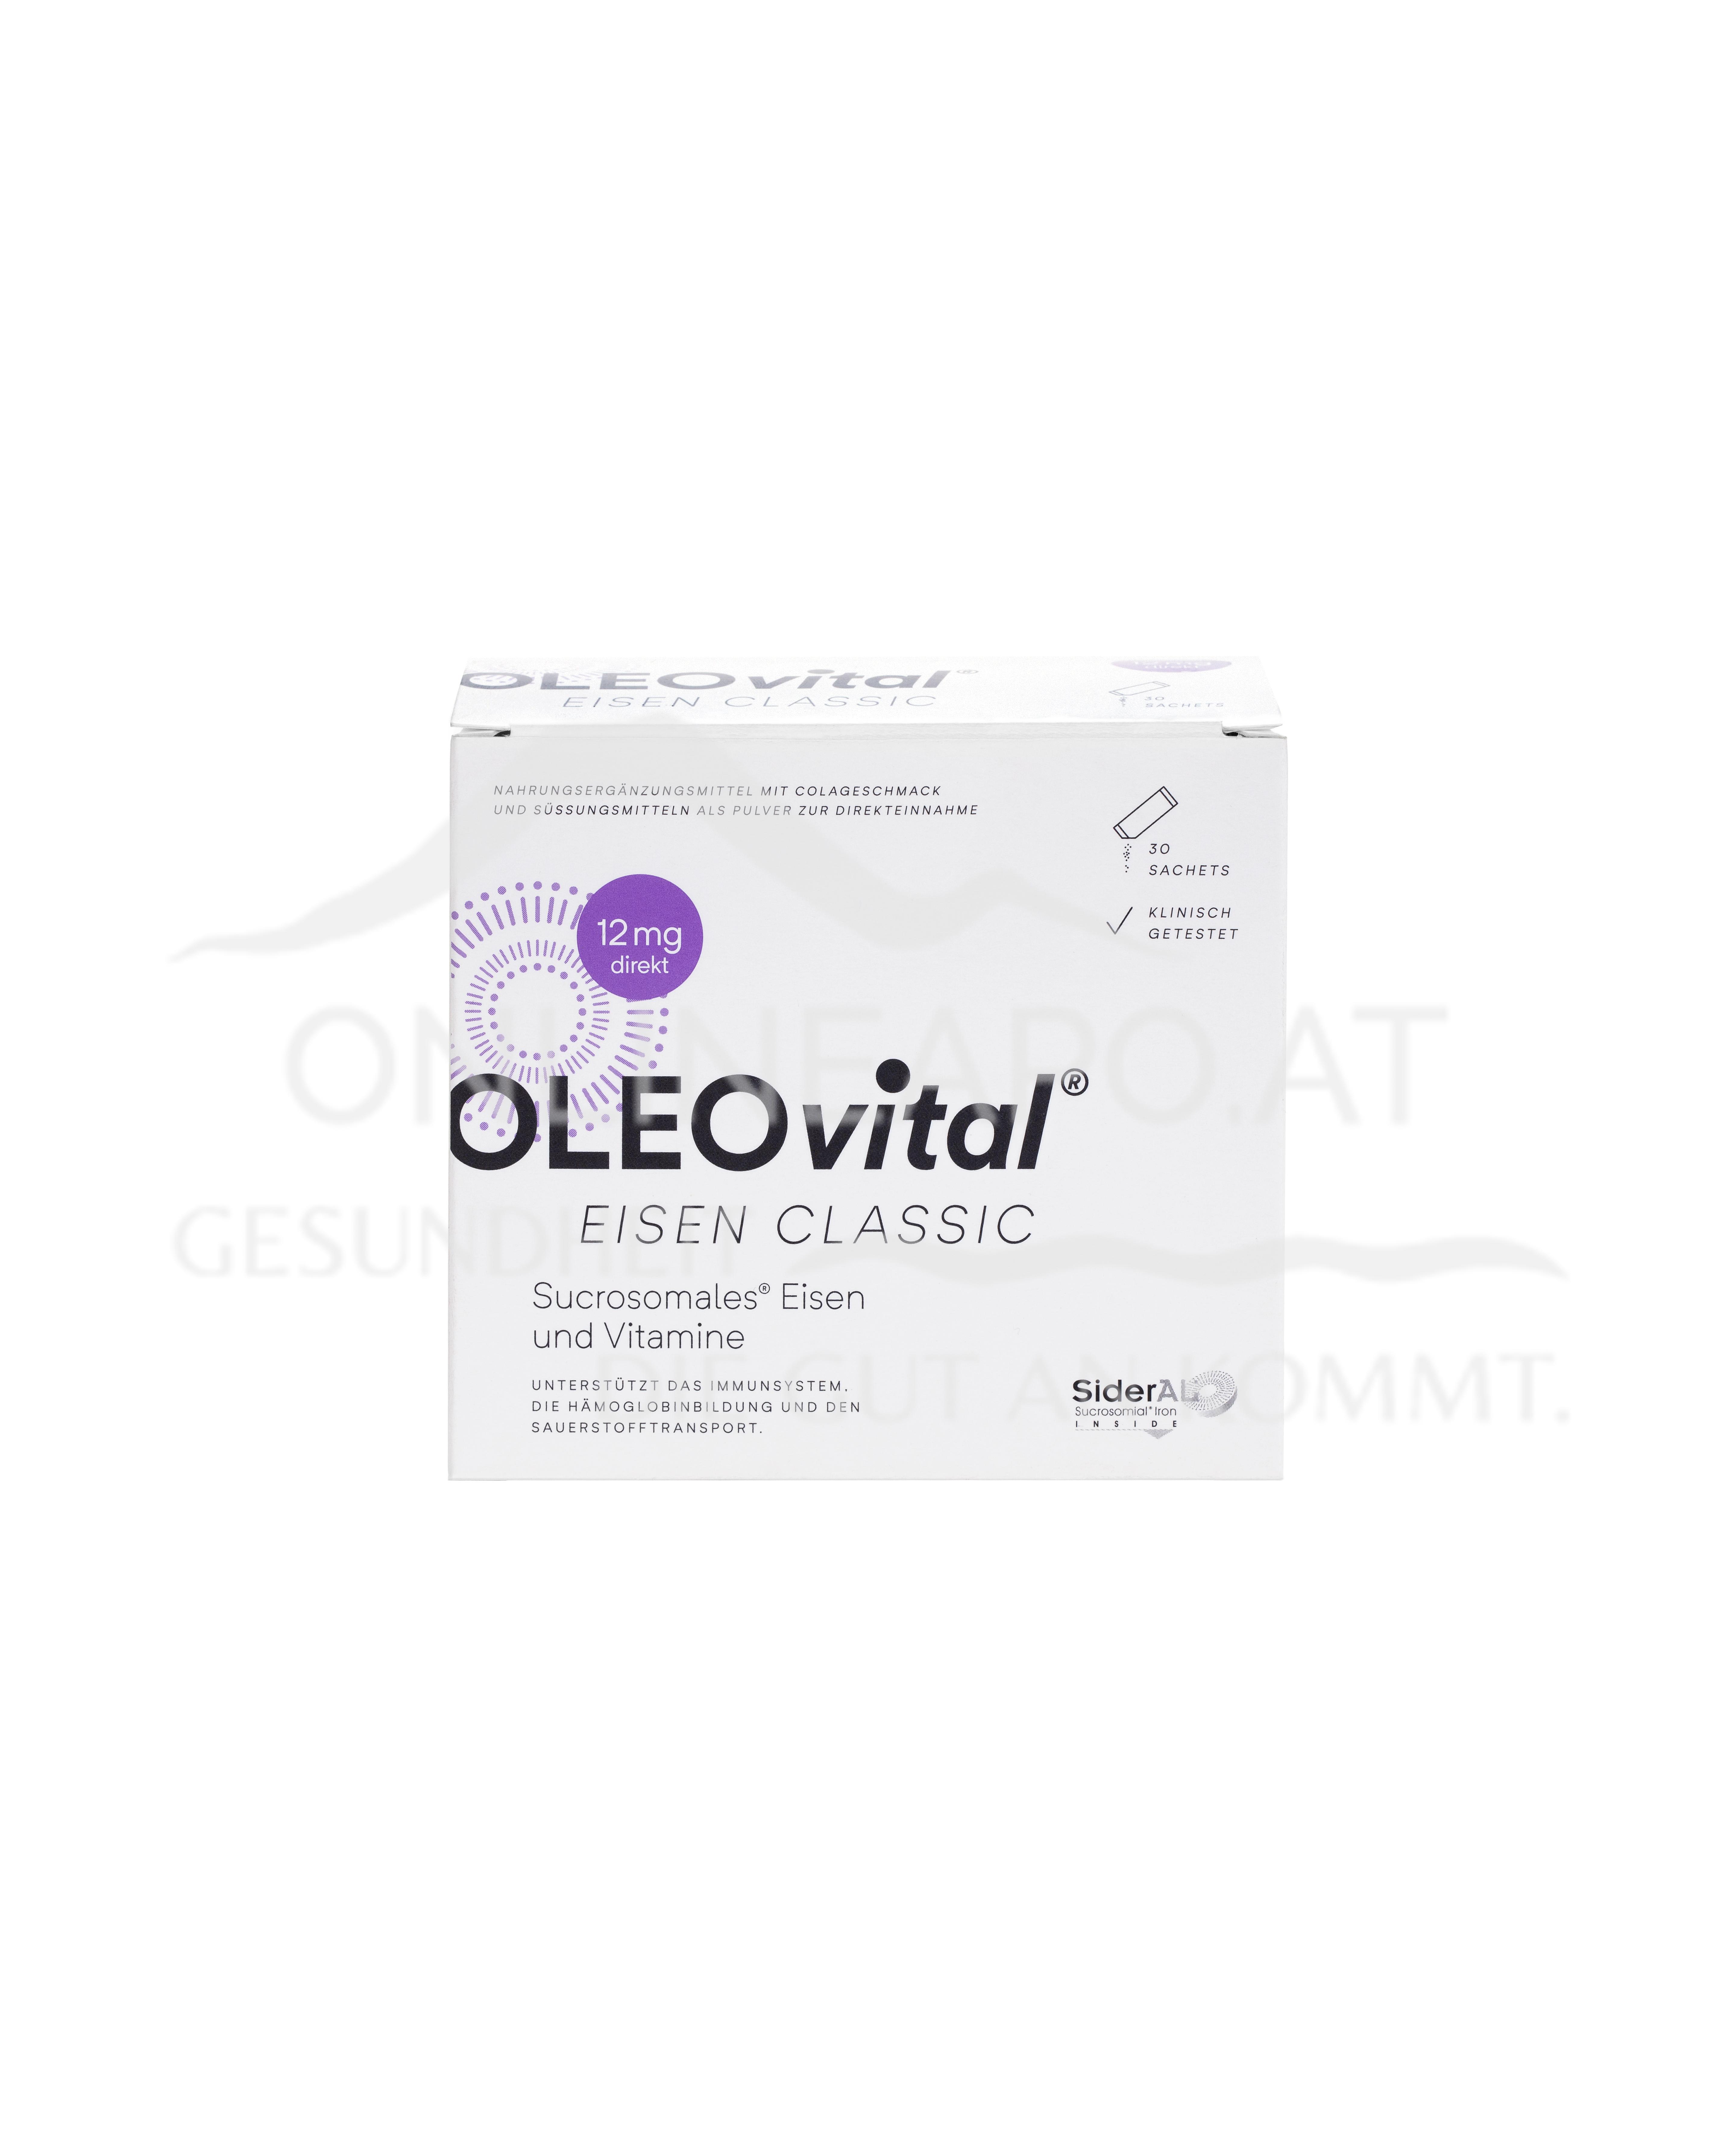 OLEOvital® EISEN CLASSIC  (12 mg Eisen)